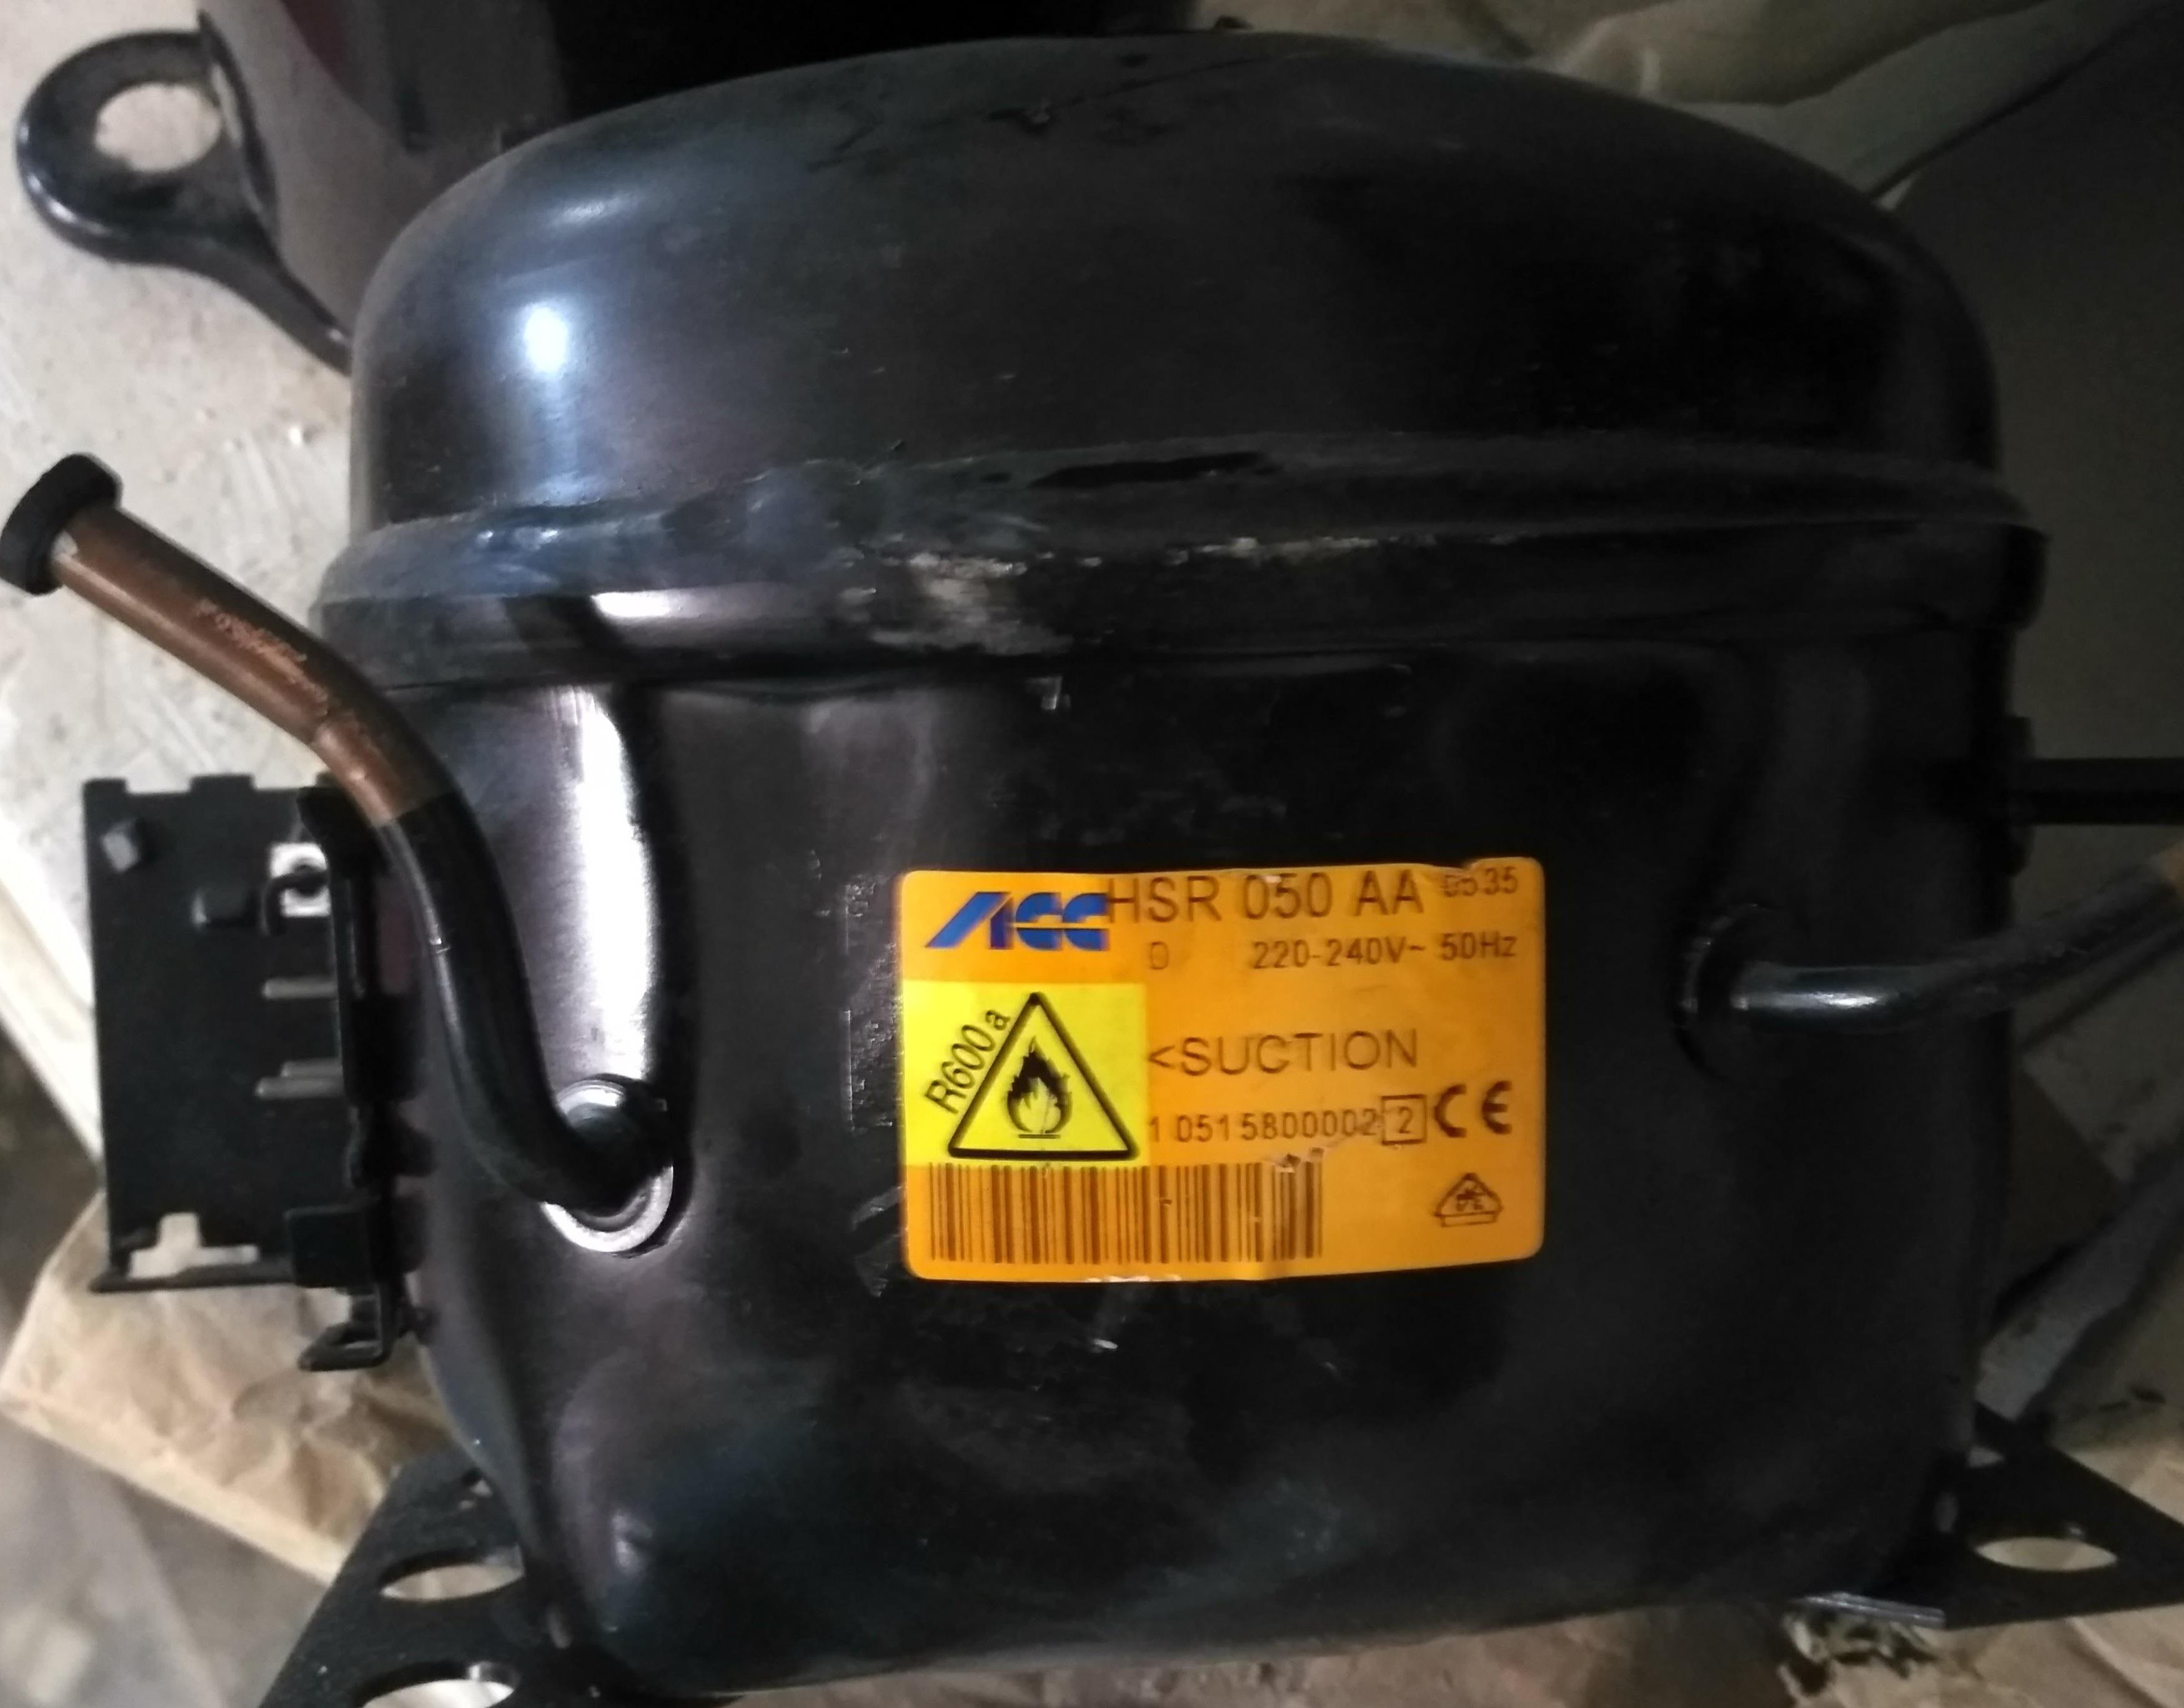 HSR050AA (Ф41)